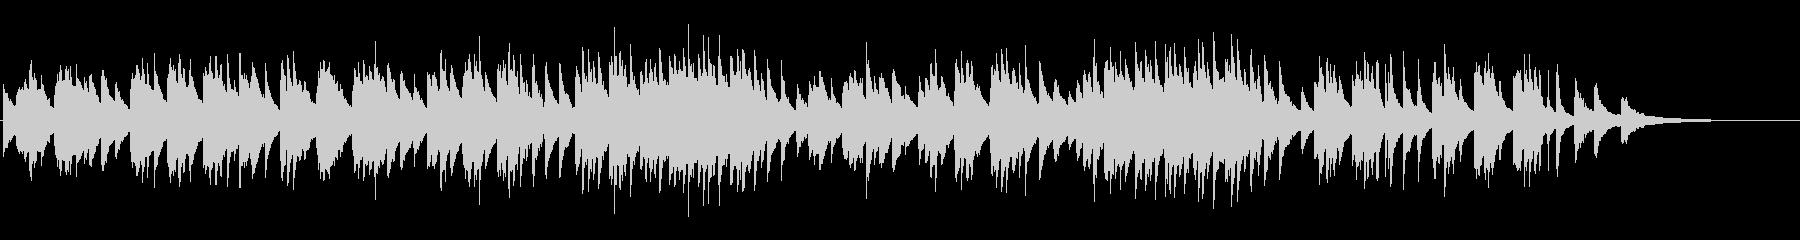 愛のワルツ ソロピアノ ブラームスの未再生の波形